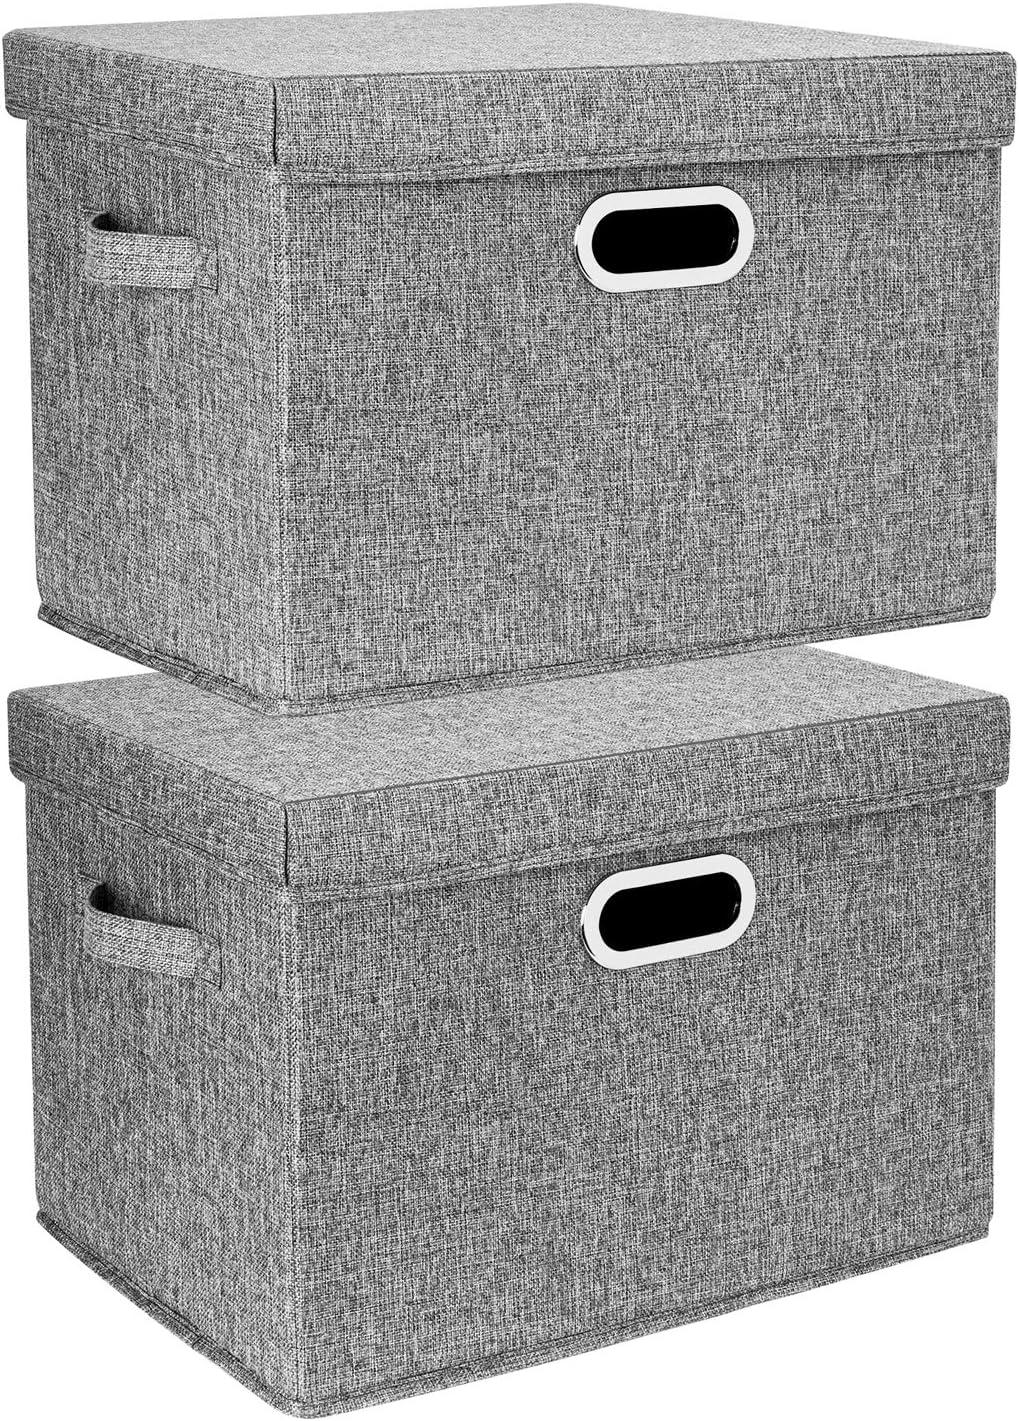 Ropa y Libros Estantes TYEERS 2 Paquetes Caja de Almacenamiento con Tapa y Asa Cestas de Almacenaje Plegables de Ropa de Algod/ón Lino - Gris etc Organizadores de Almacenamiento de Juguetes